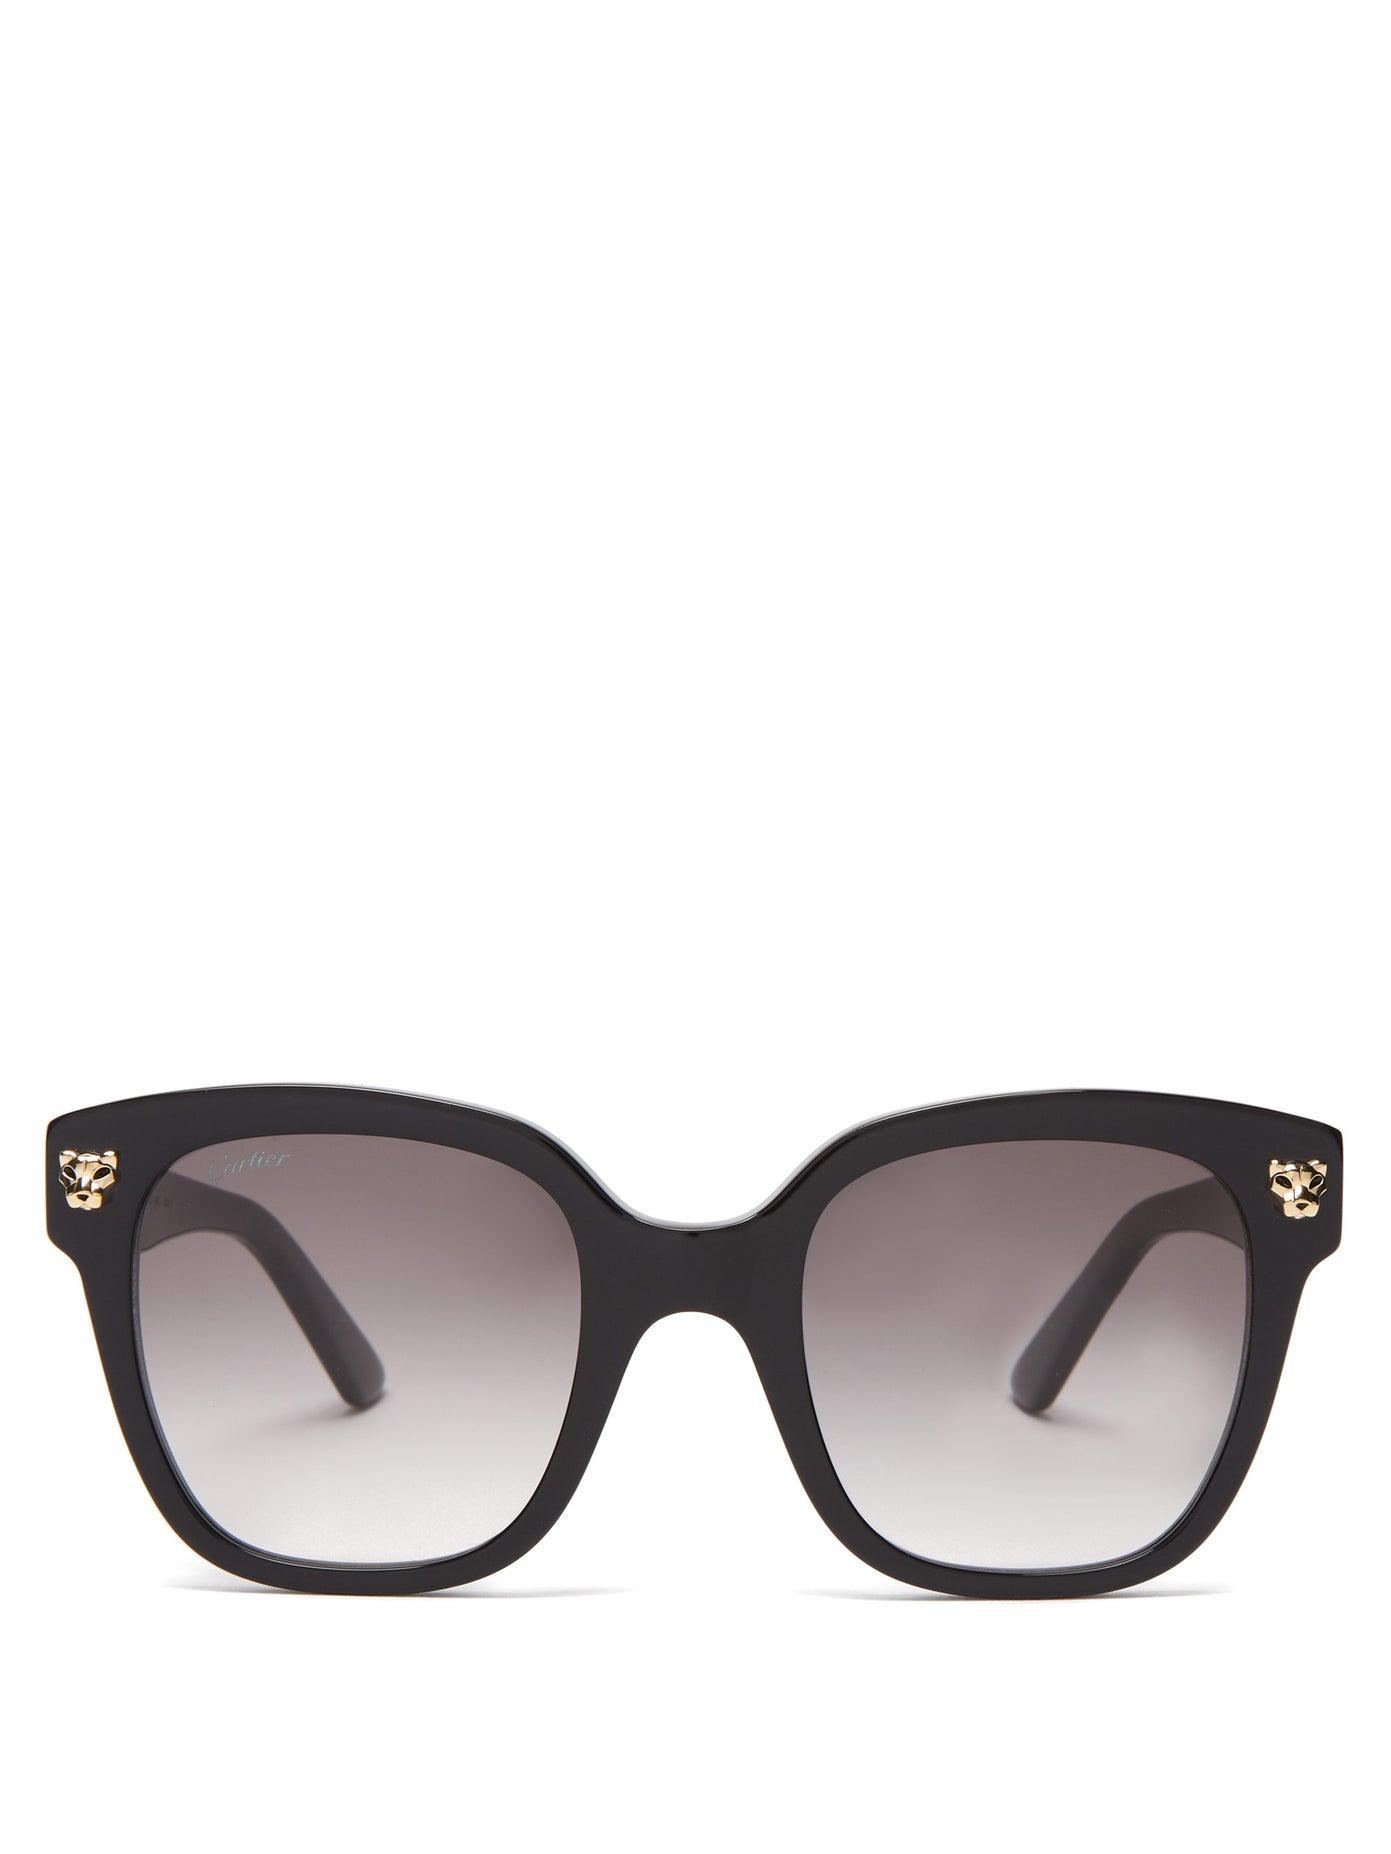 Cartier — Panthère de Cartier Square Sunglasses